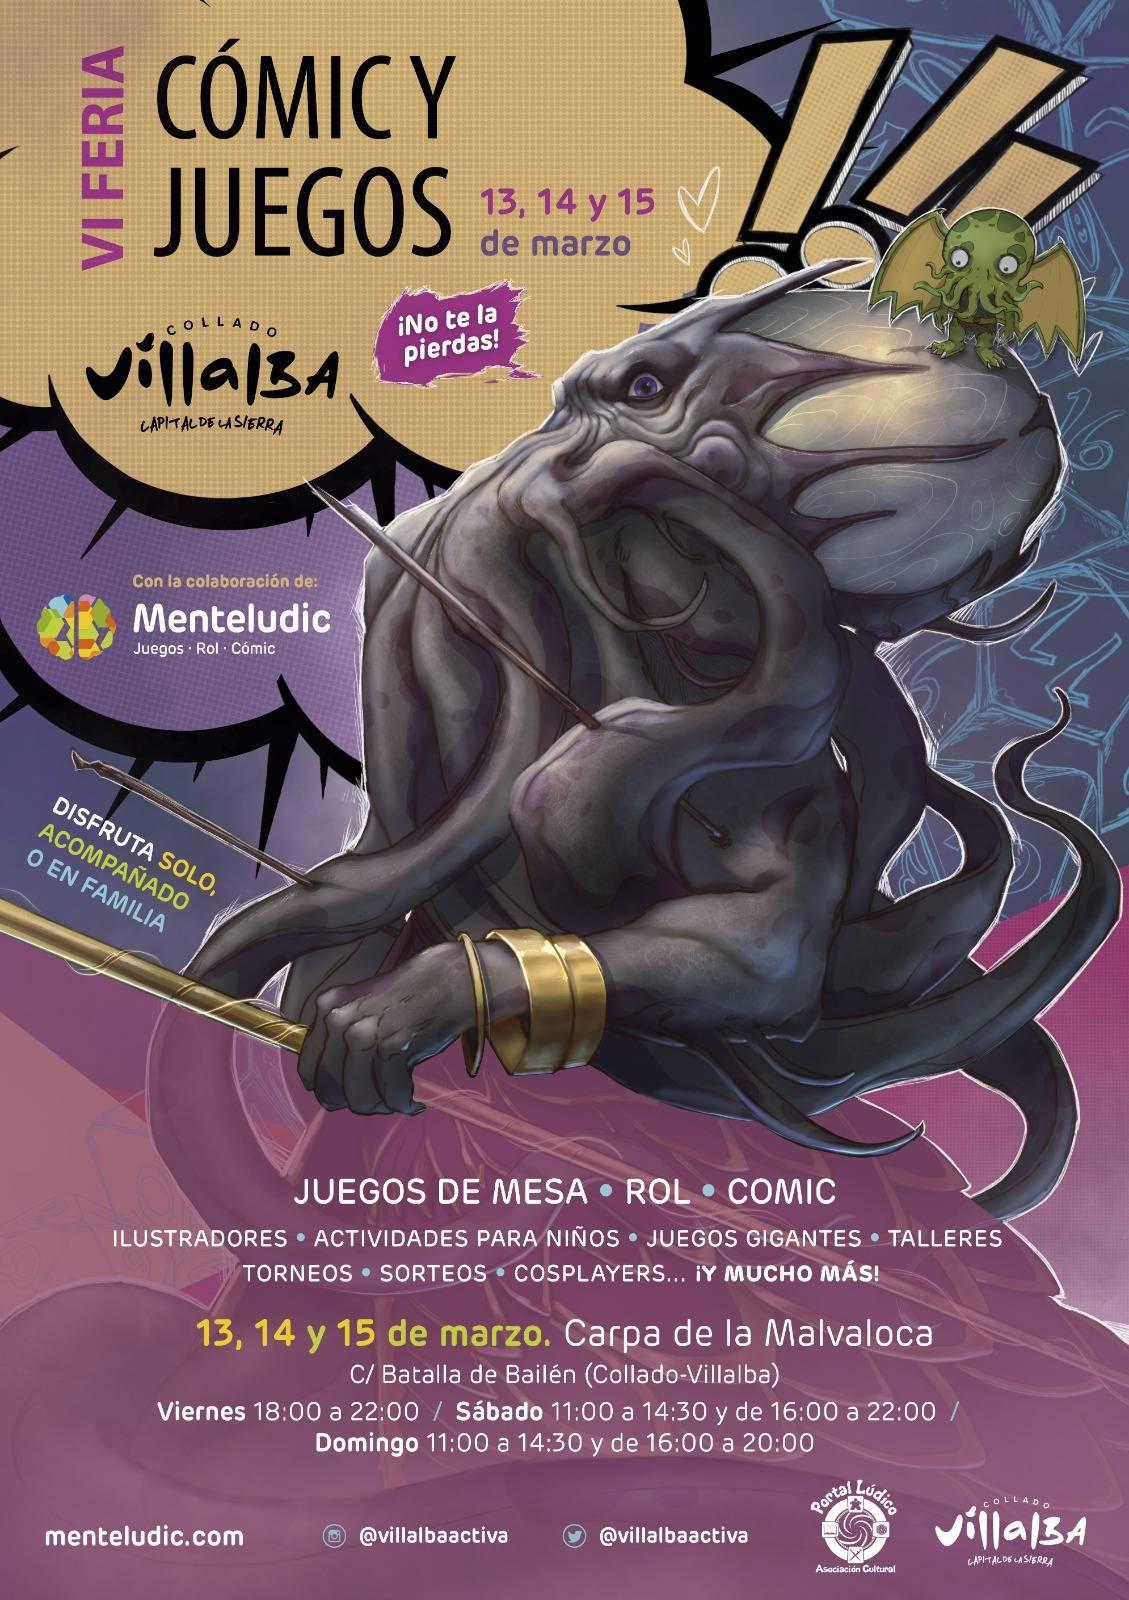 VI Feria Comic y Juego Menteludic